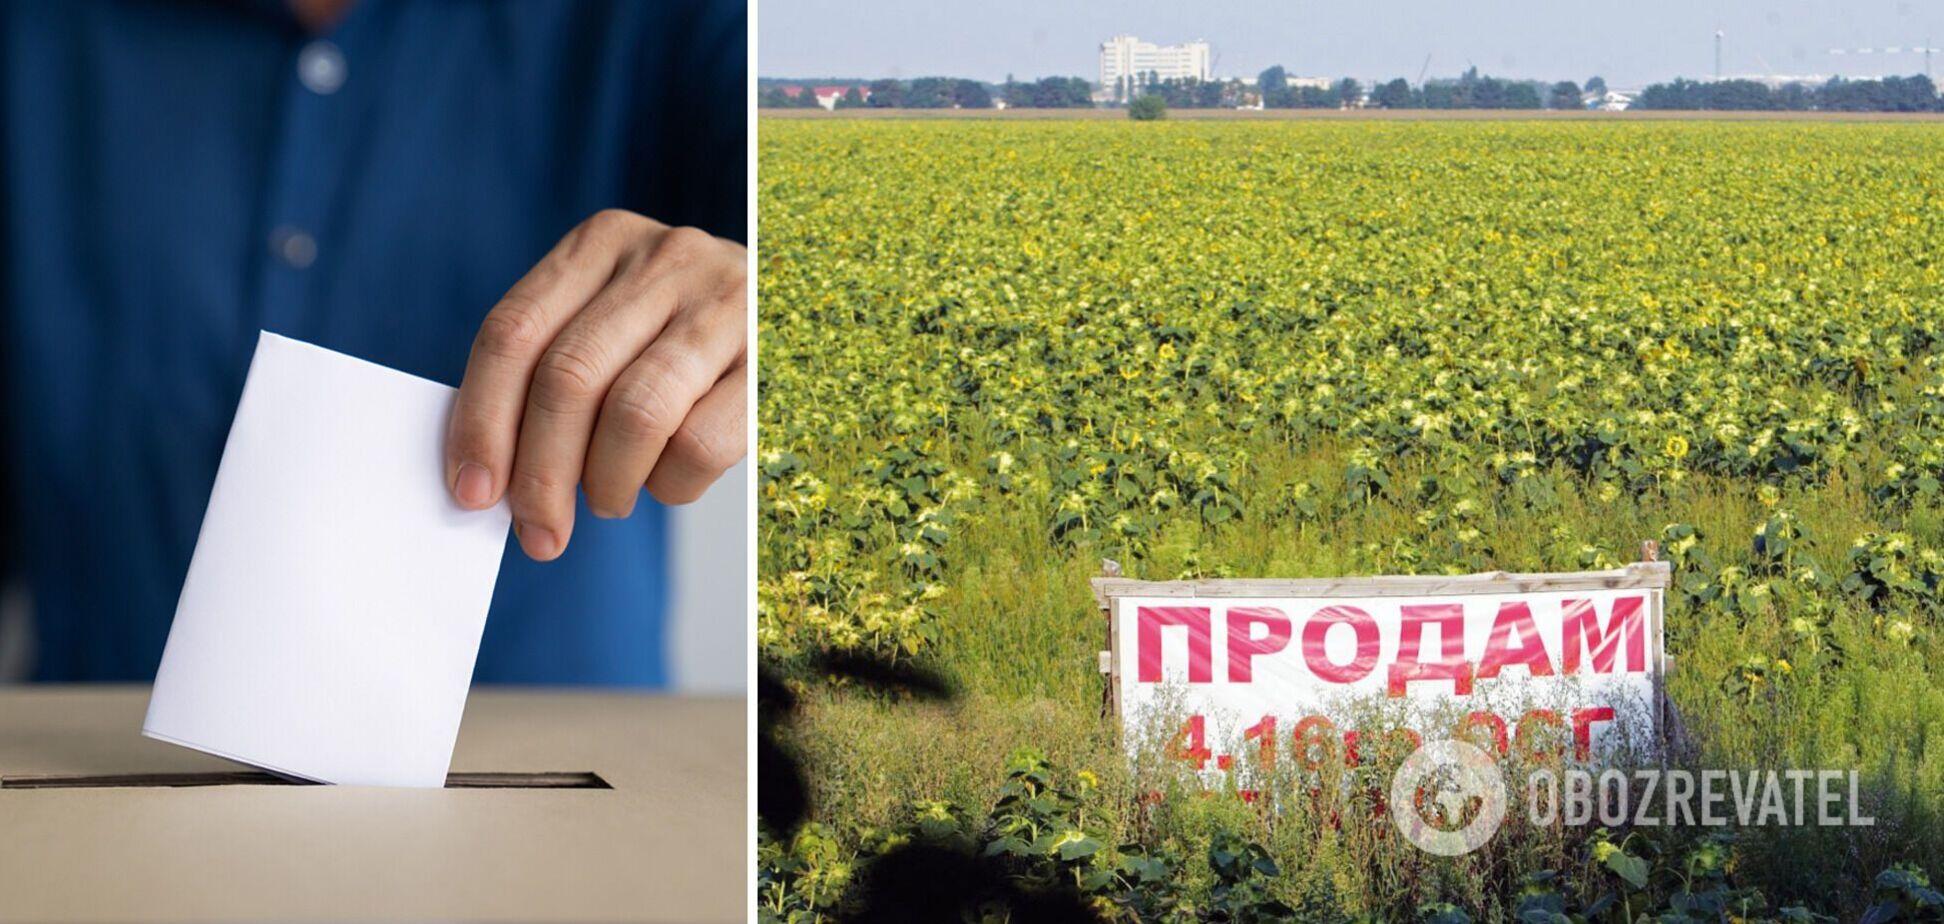 Власть игнорирует мнение народа, только референдум способен остановить распродажу земли, – эксперт